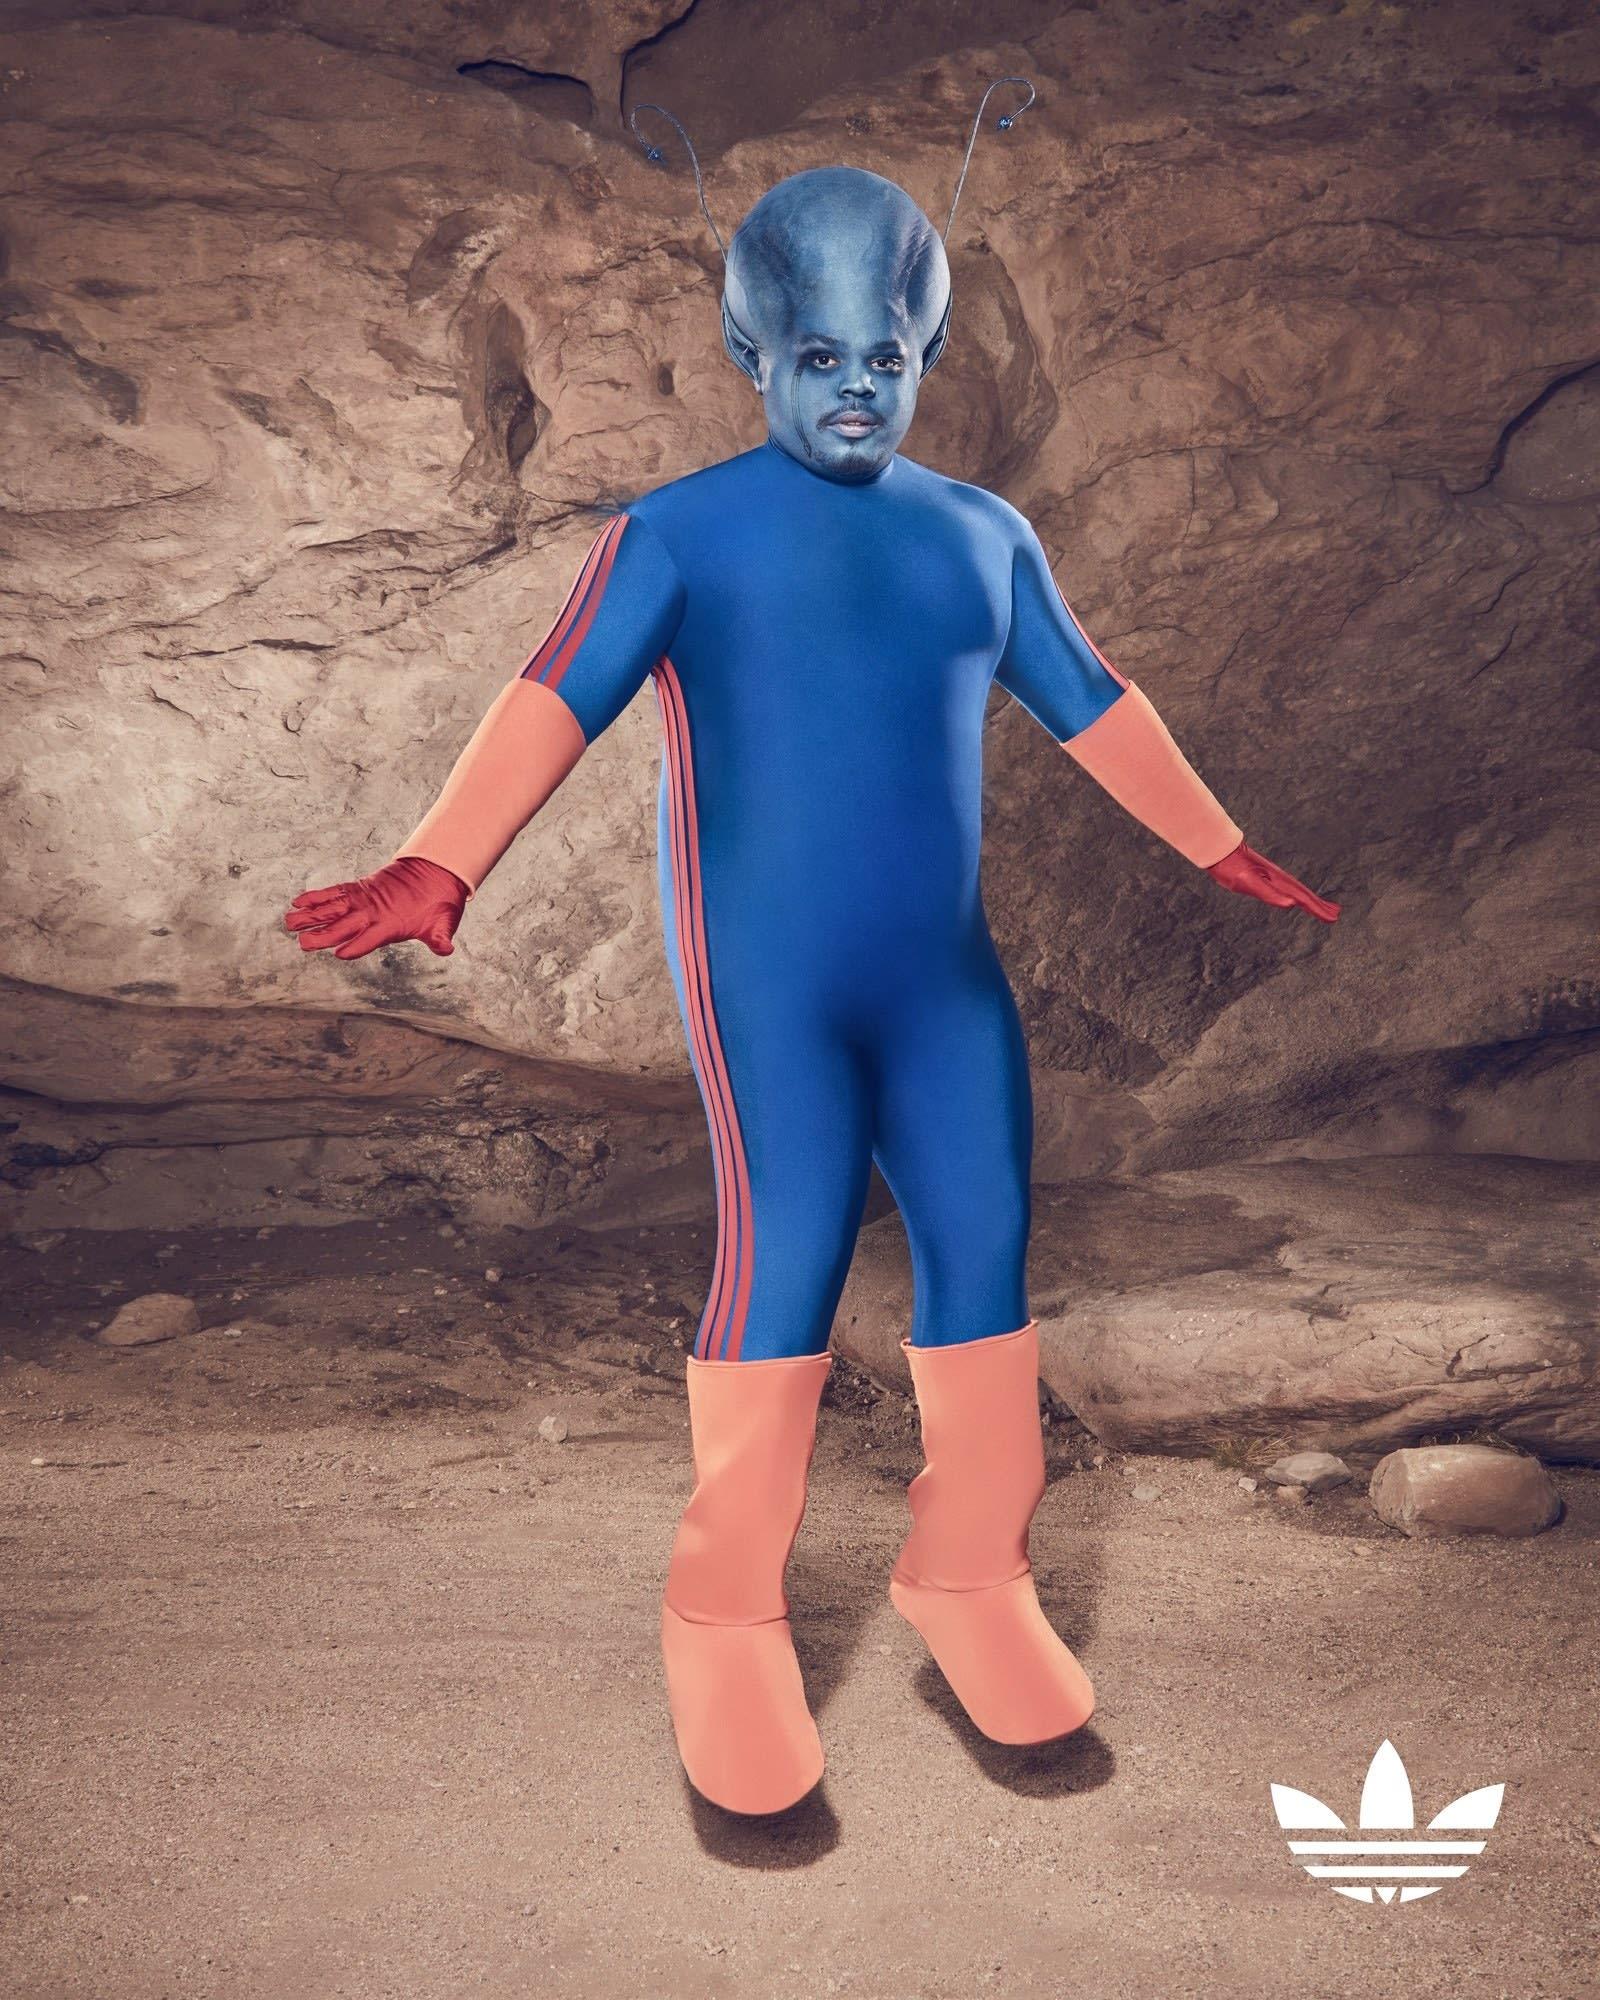 kerwin-frost-adidas-alien